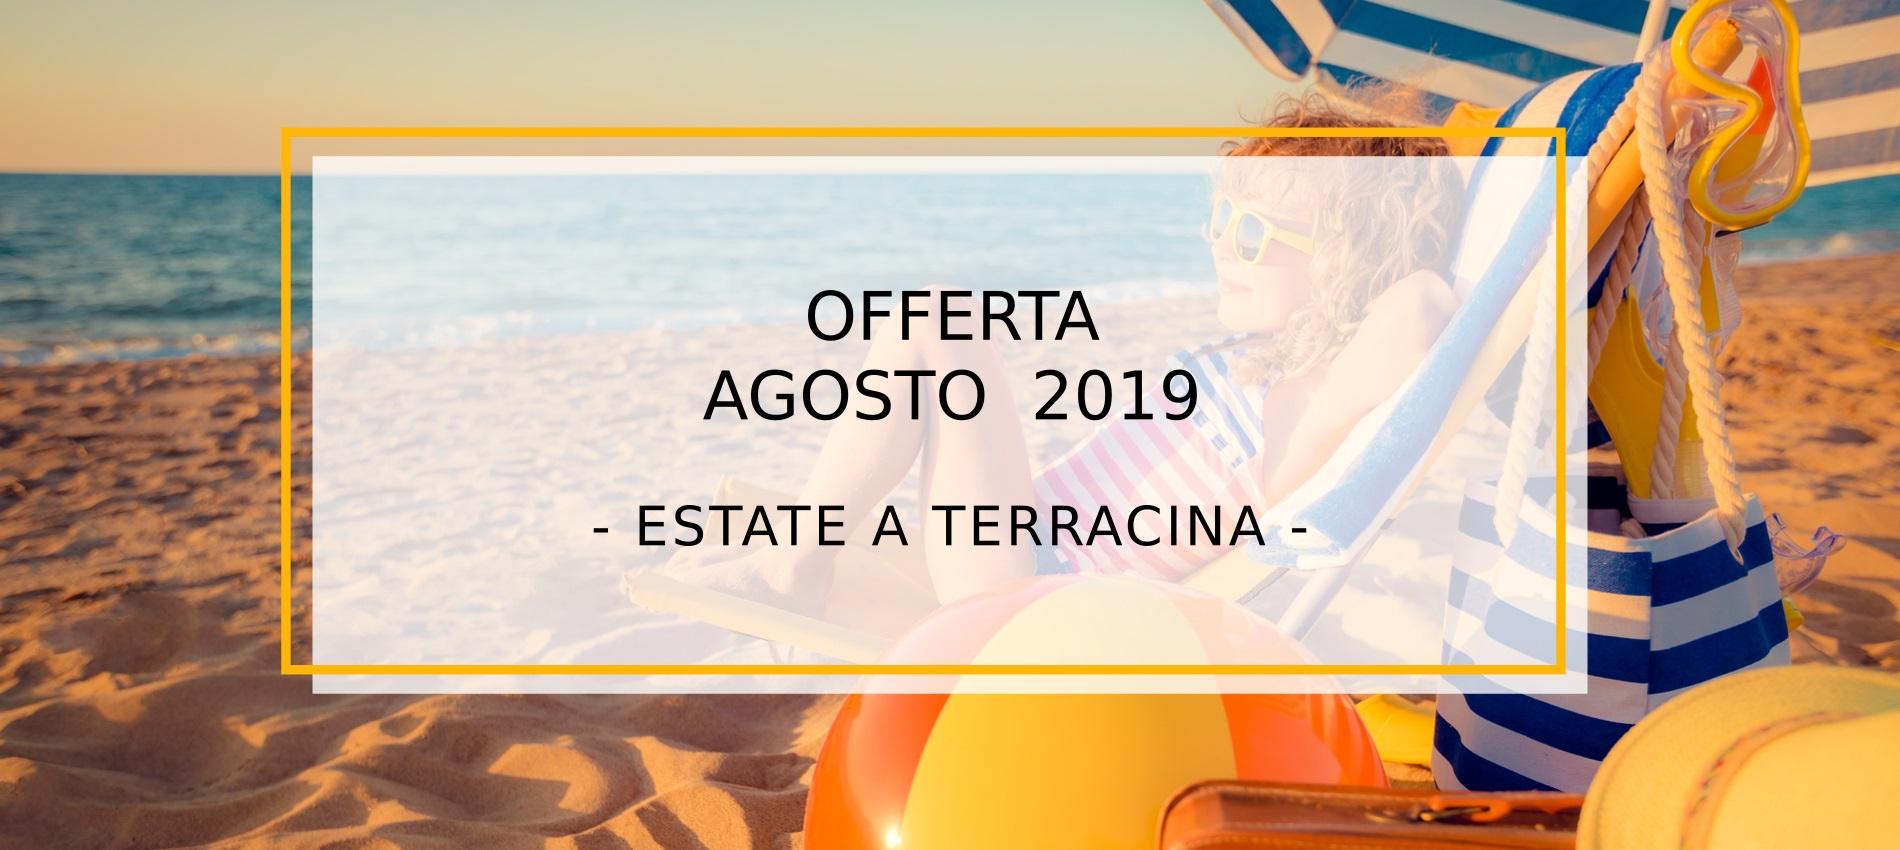 OFFERTA AGOSTO 2019 - ESTATE A TERRACINA